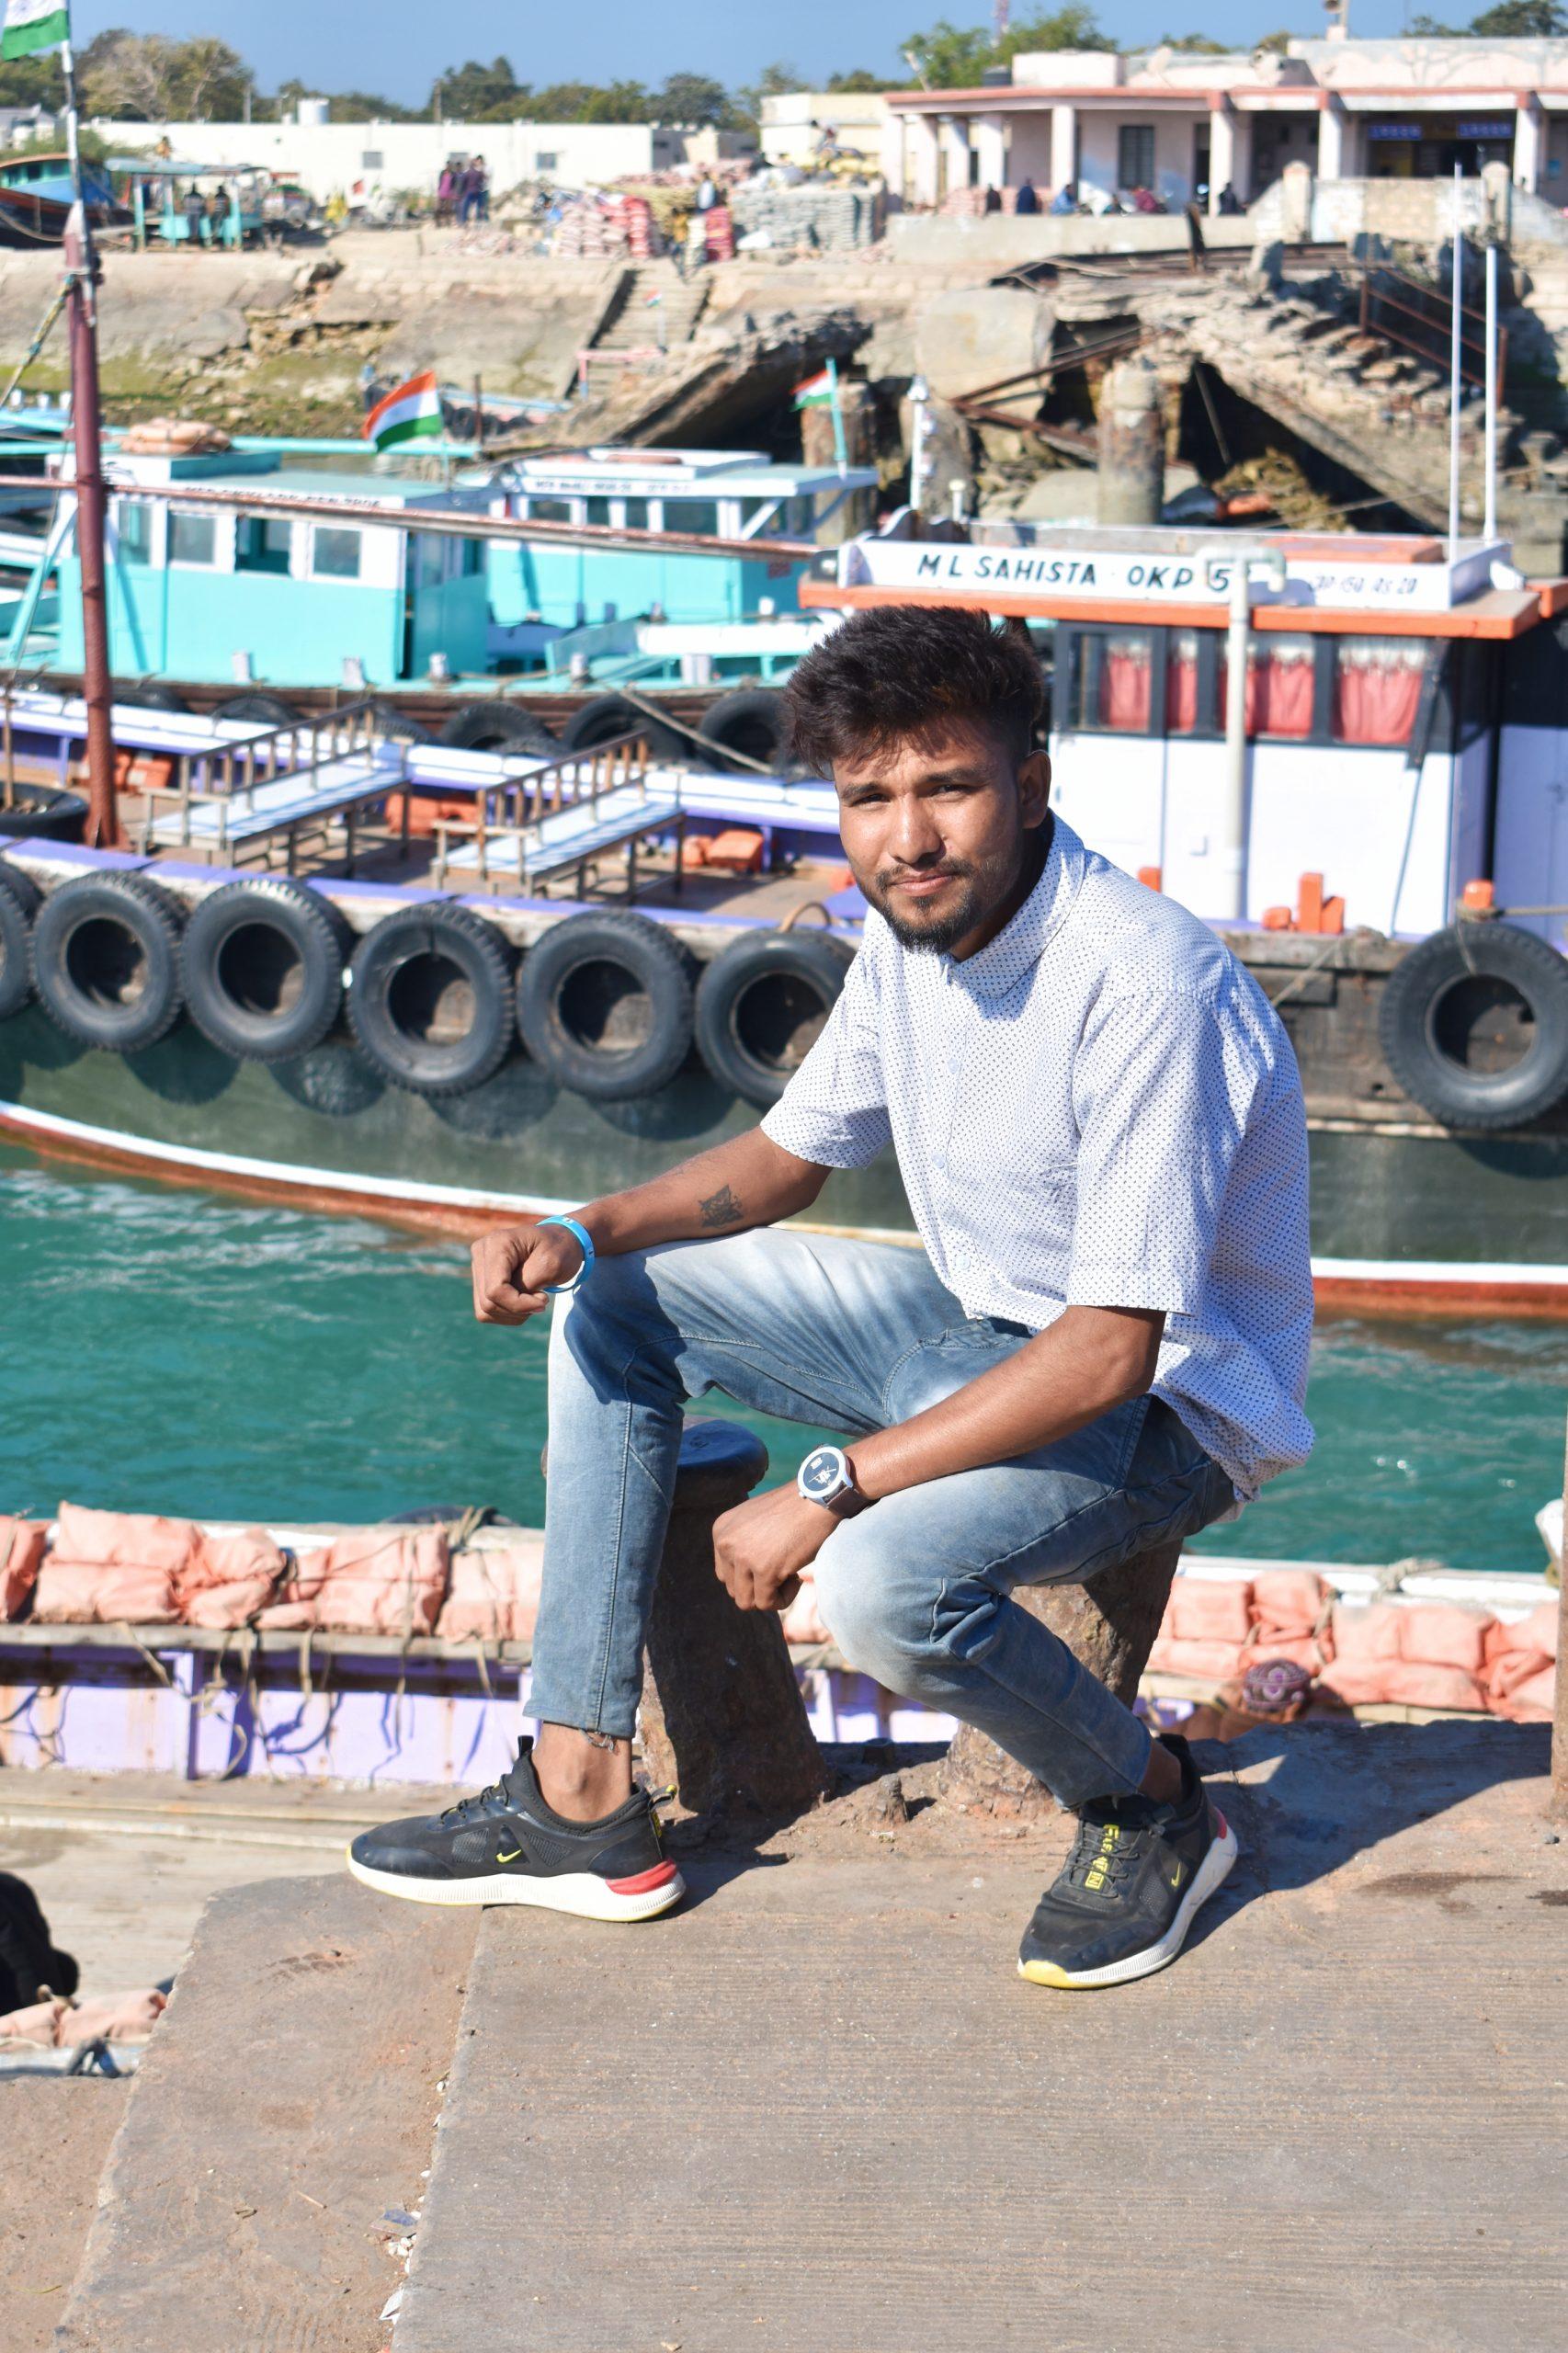 A boy at a dockyard